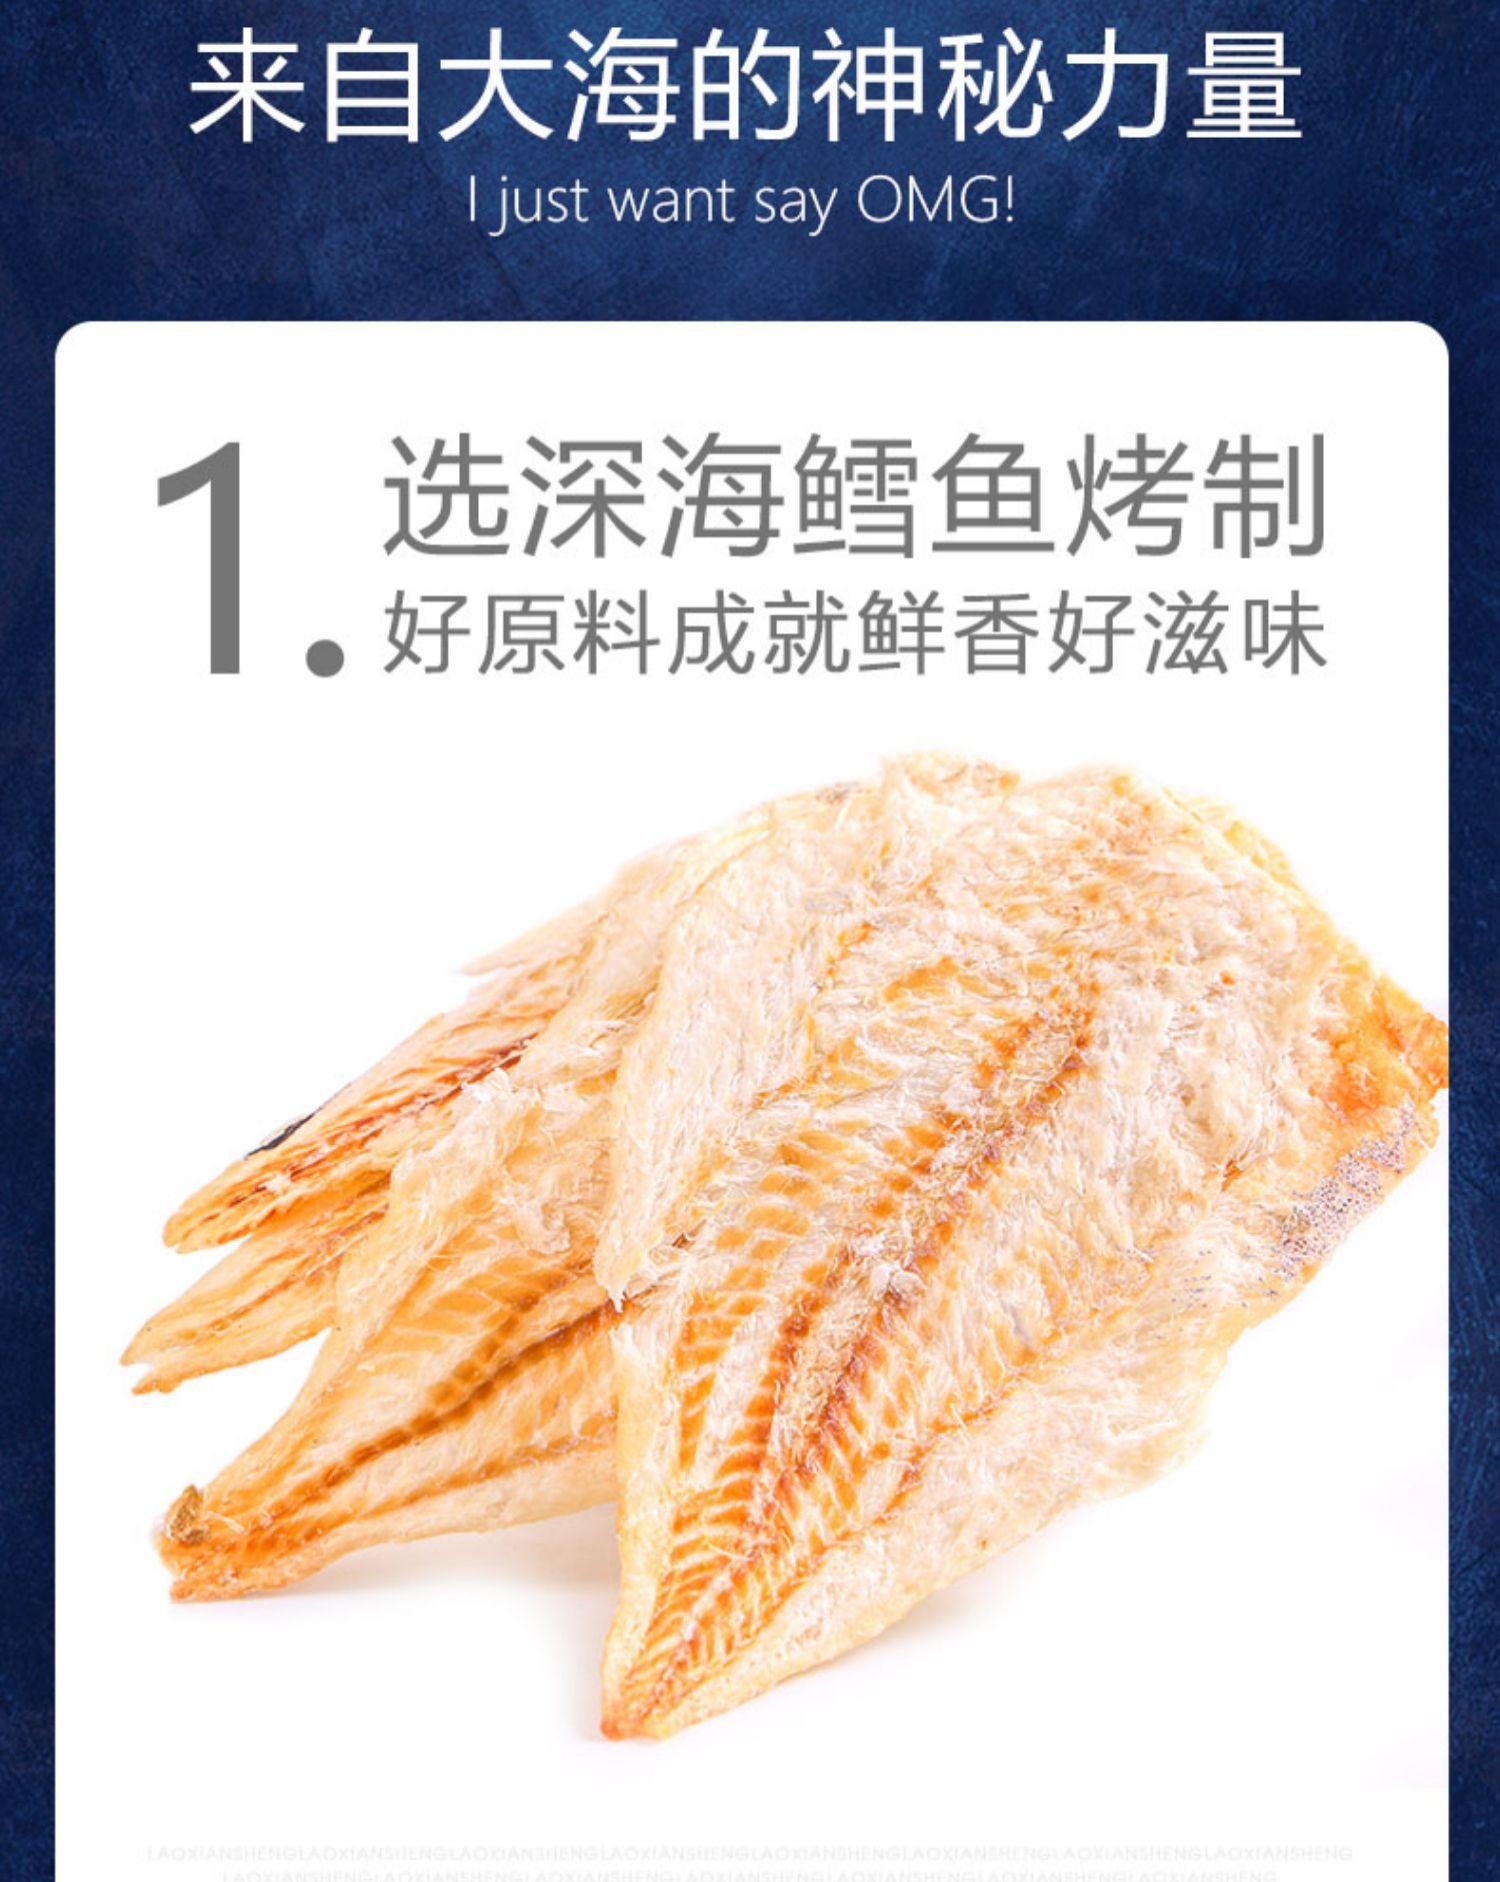 老鲜生鳕鱼片干烤鱼片小包装孕妇健康低脂